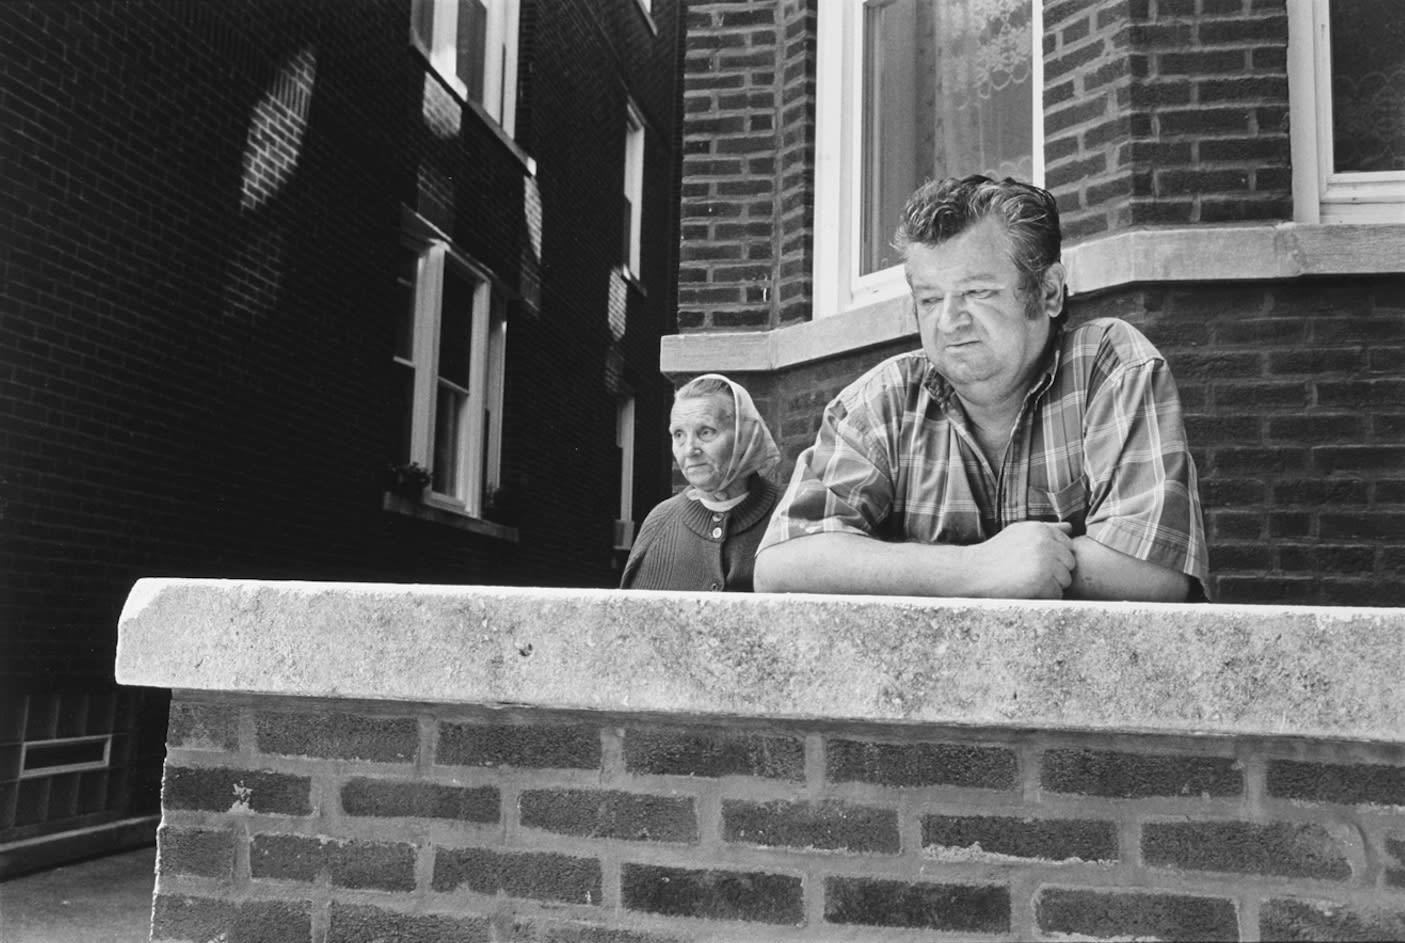 Tom Arndt, Couple, Ukranian Village, Chicago, 1996